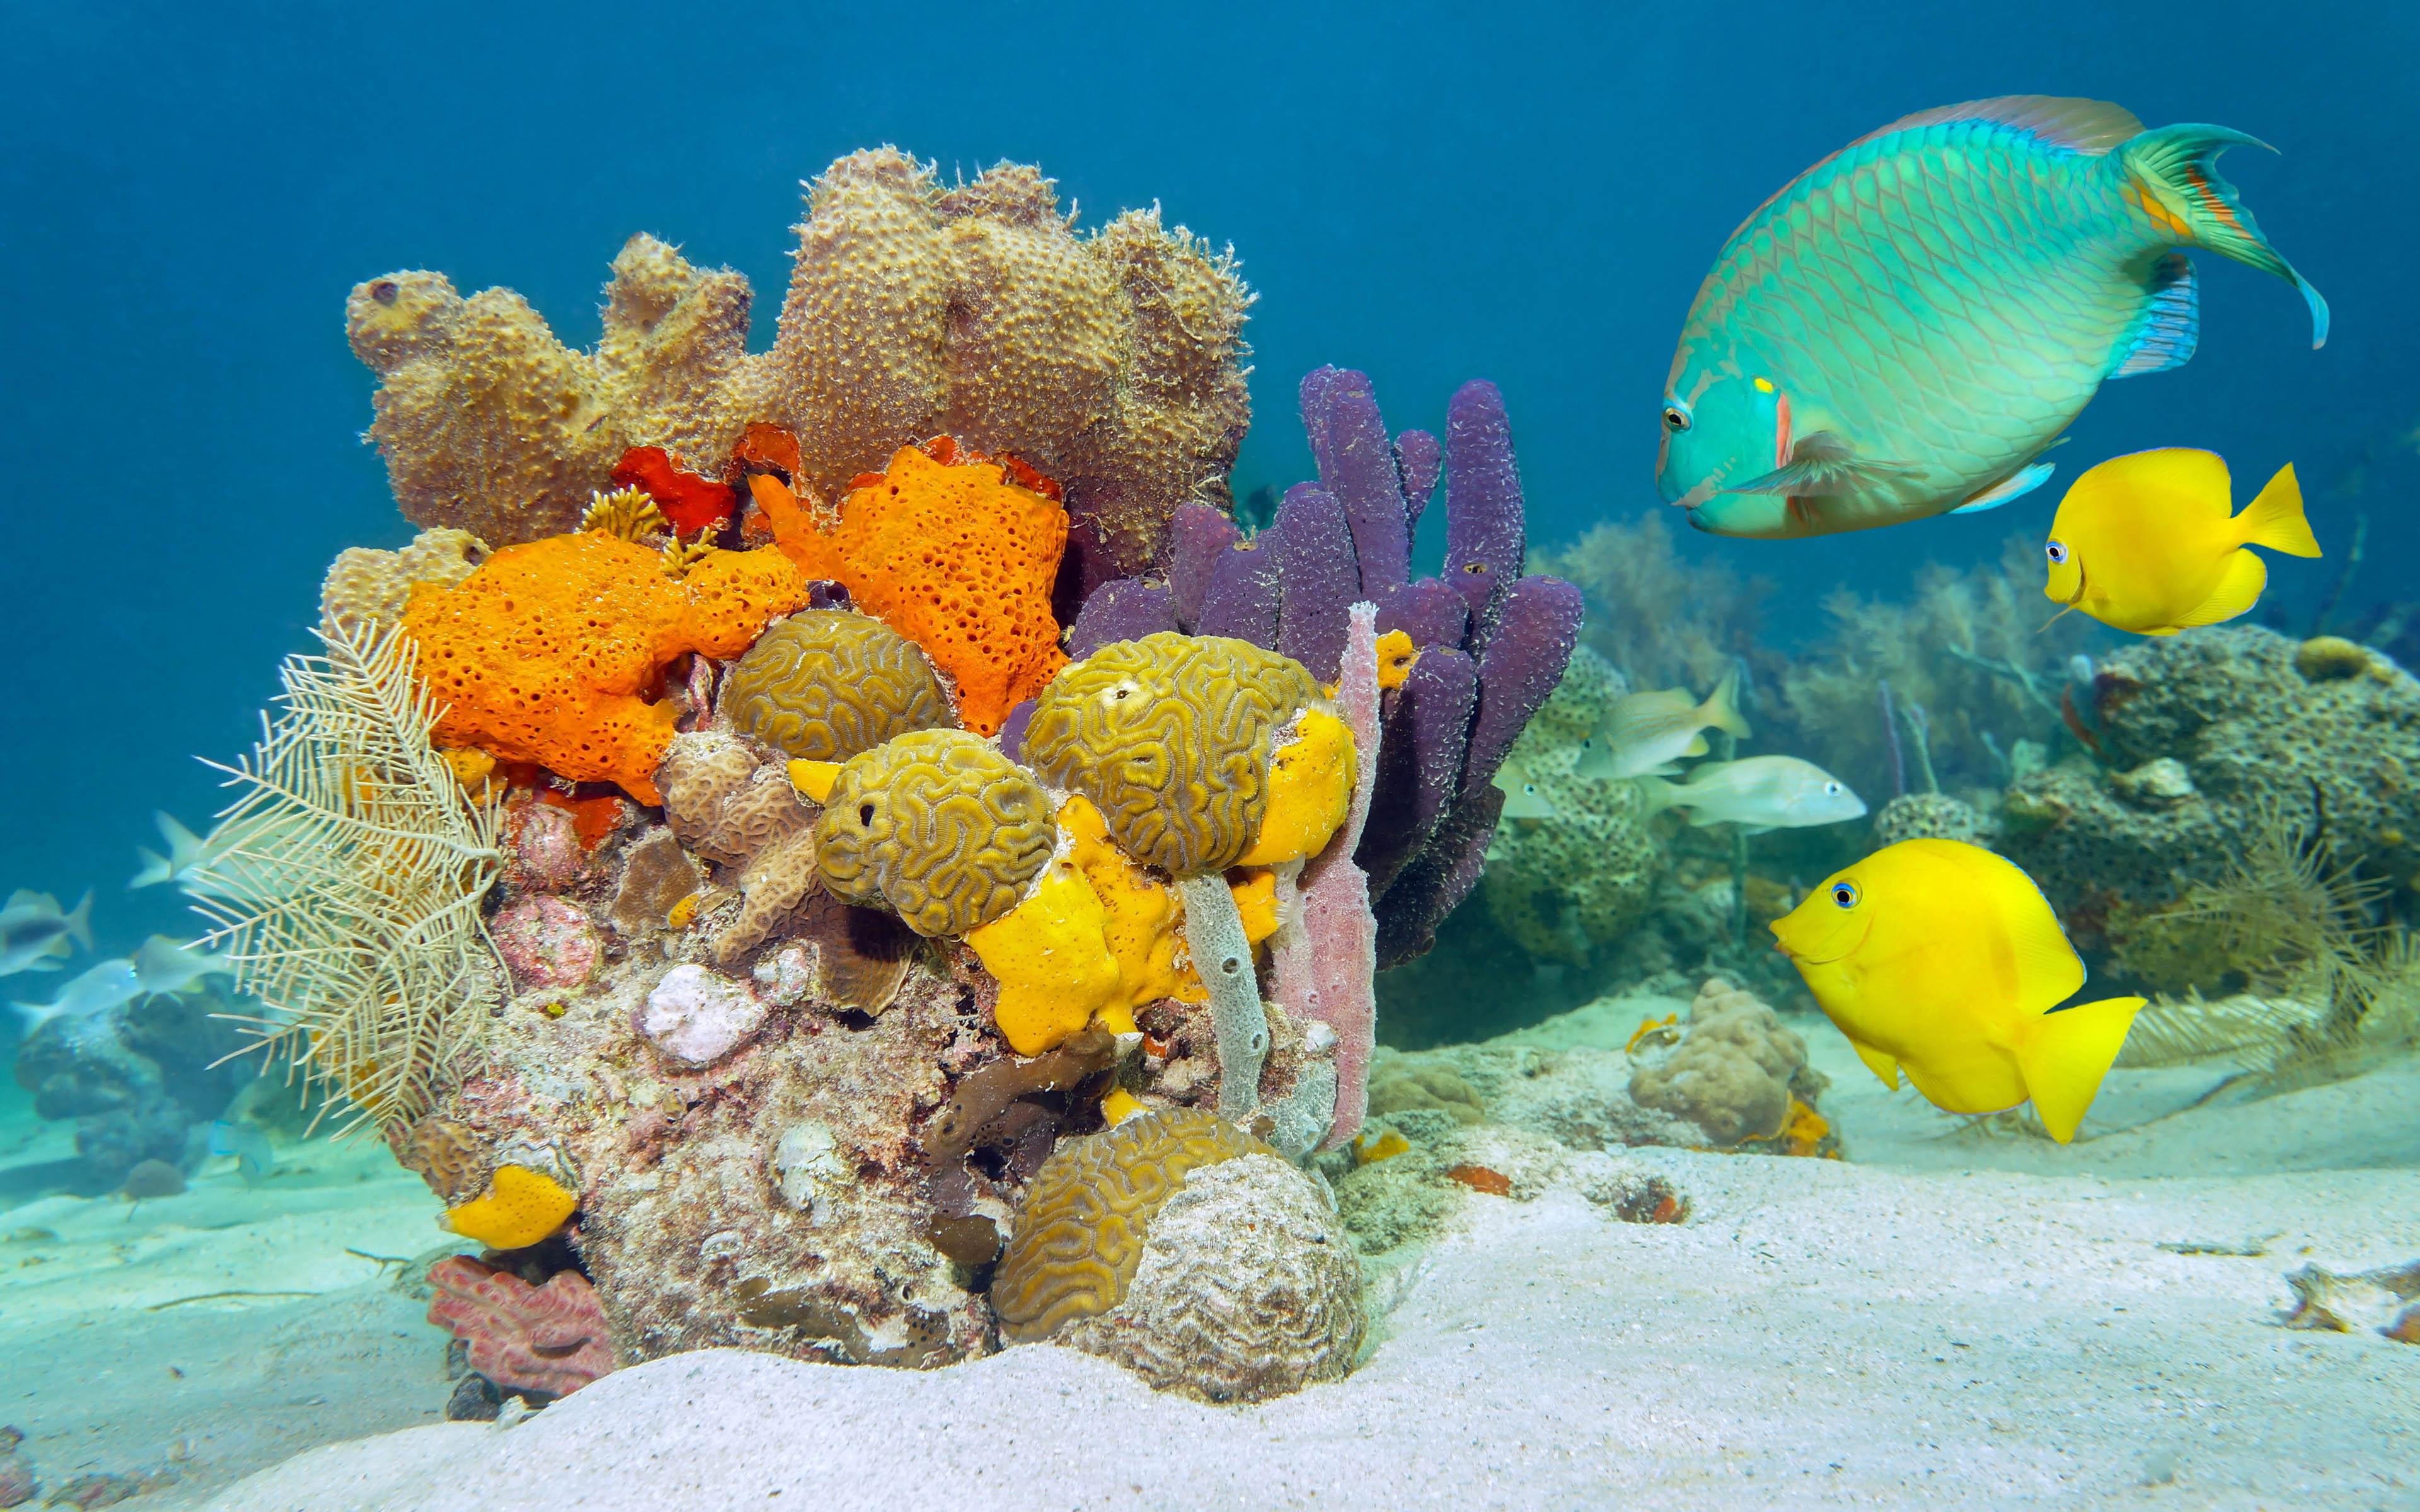 Octopus Iphone Wallpaper Underwater World Fish Desktop Wallpaper Hd Wallpapers13 Com